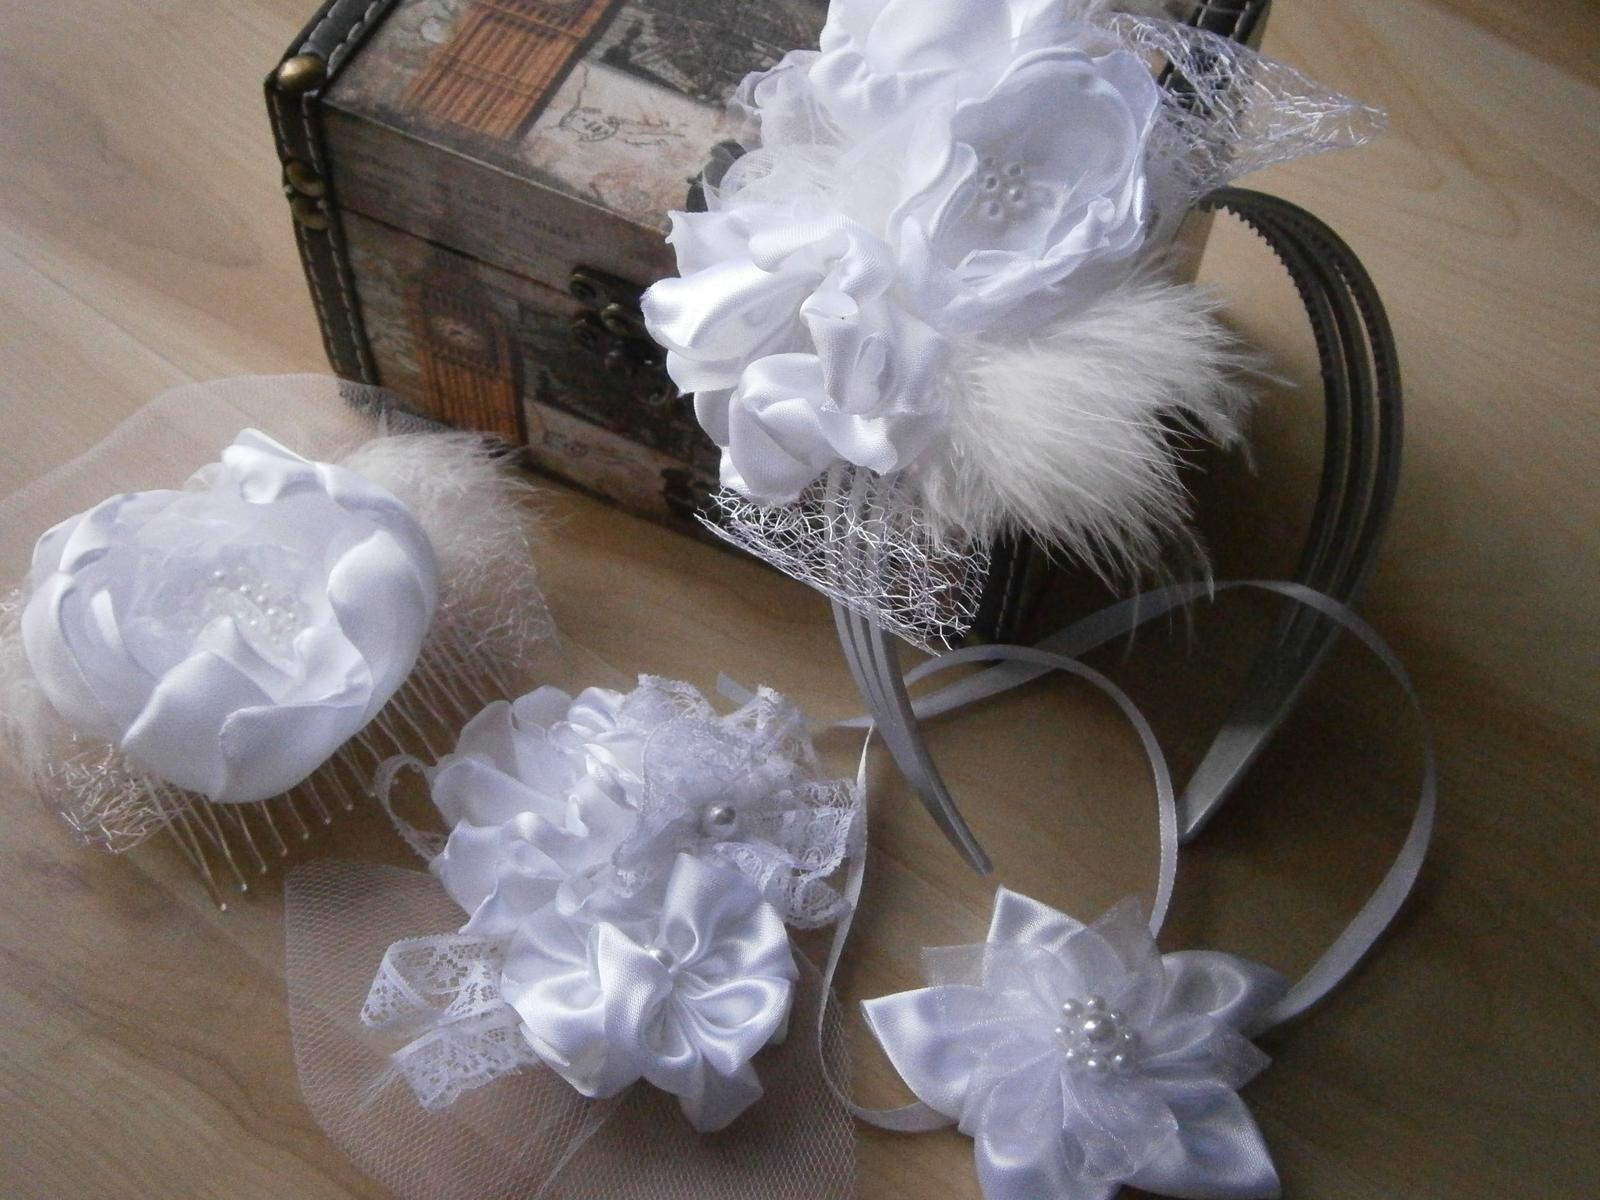 Svadobné dekorácie - skladom - Obrázok č. 25